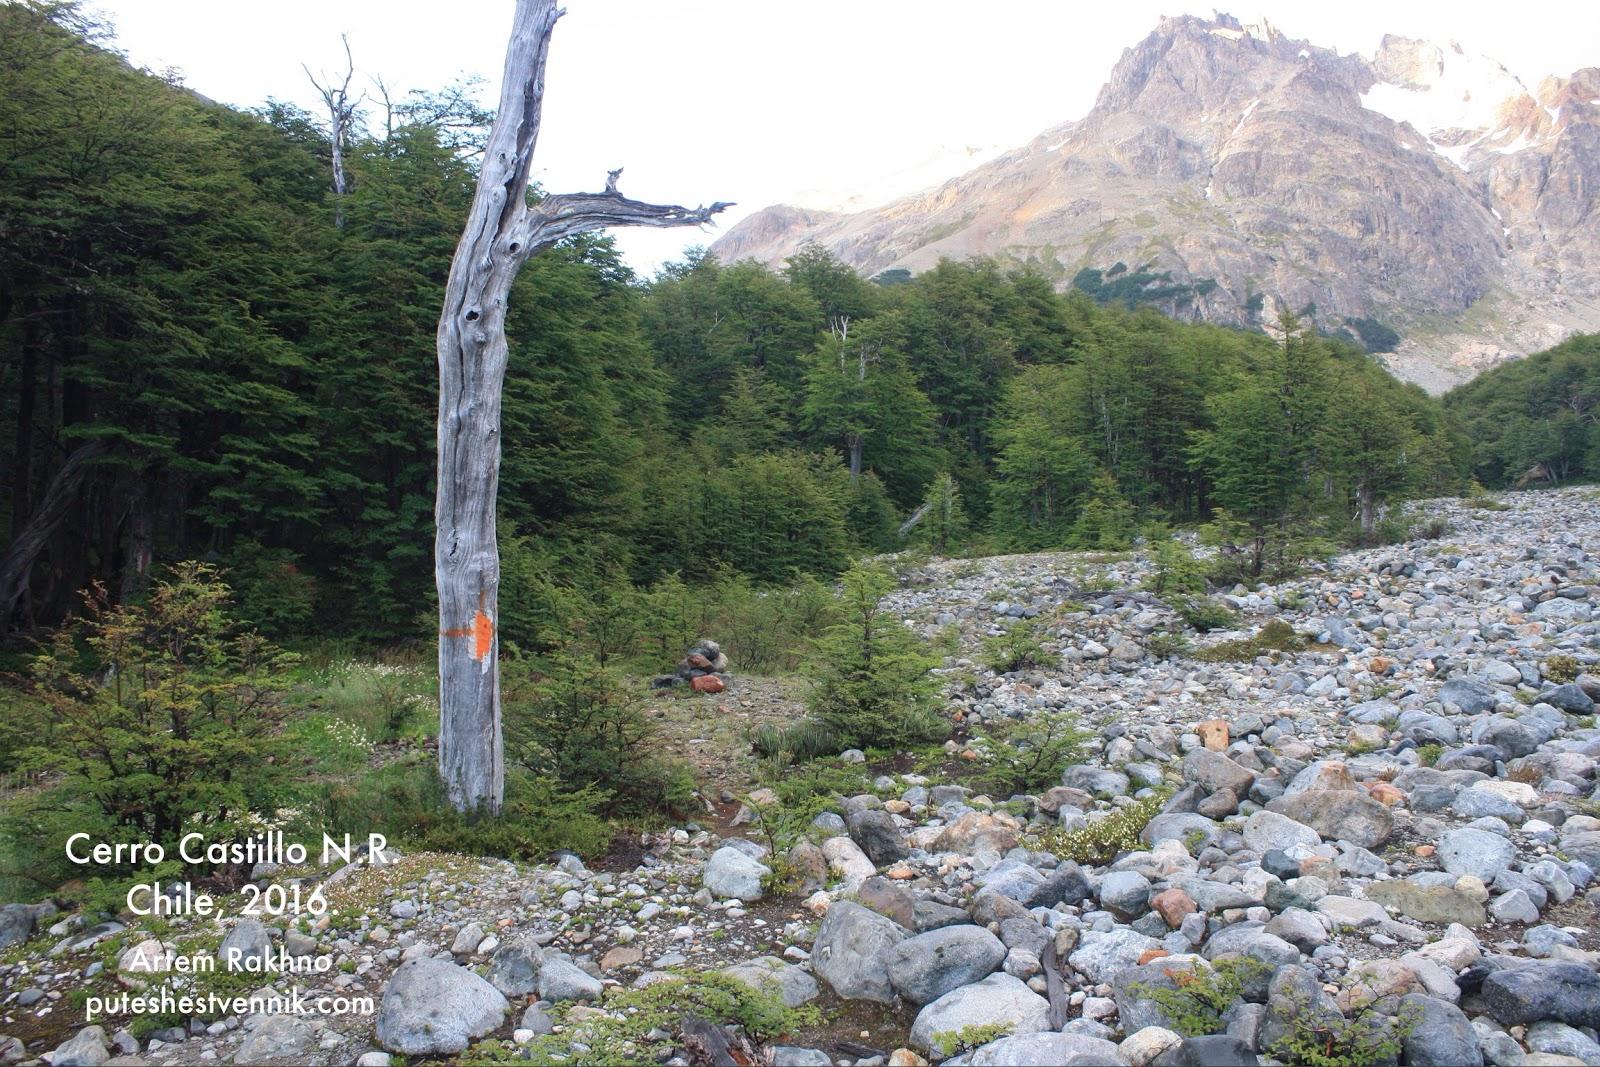 Указатель тропы на высохшем дереве